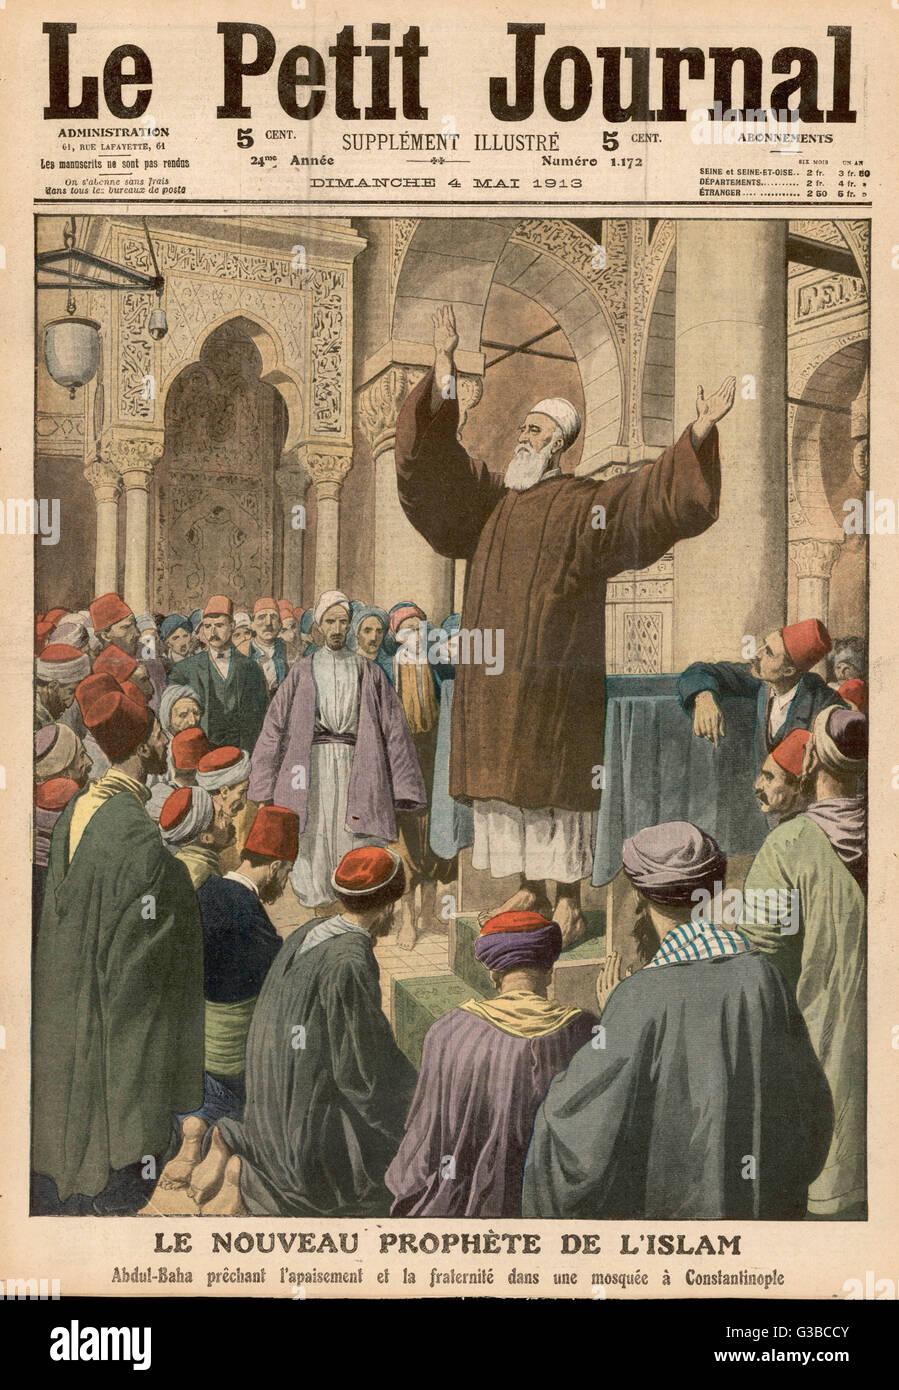 Abdul Baha, chef de la circulation Bahaist, prêche la paix et la fraternité dans une mosquée à Photo Stock